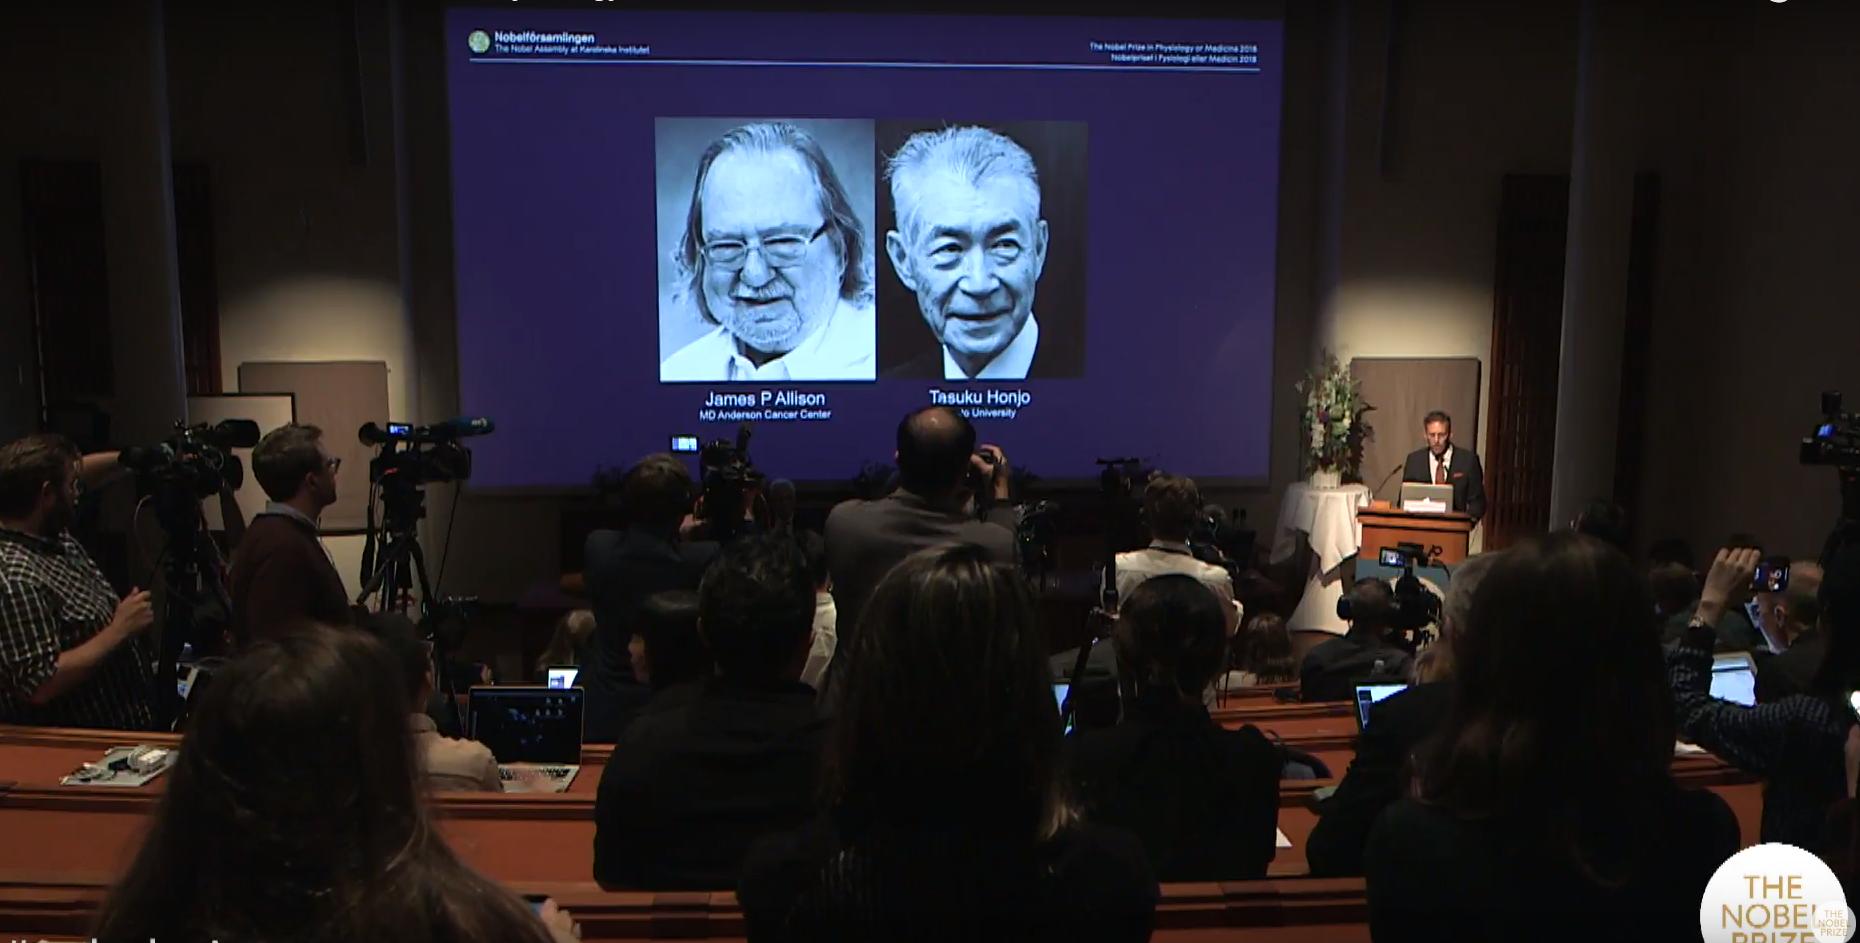 노벨생리의학상에 면역치료 전문가 제임스 앨리슨·혼조 다스쿠 수상(2보)